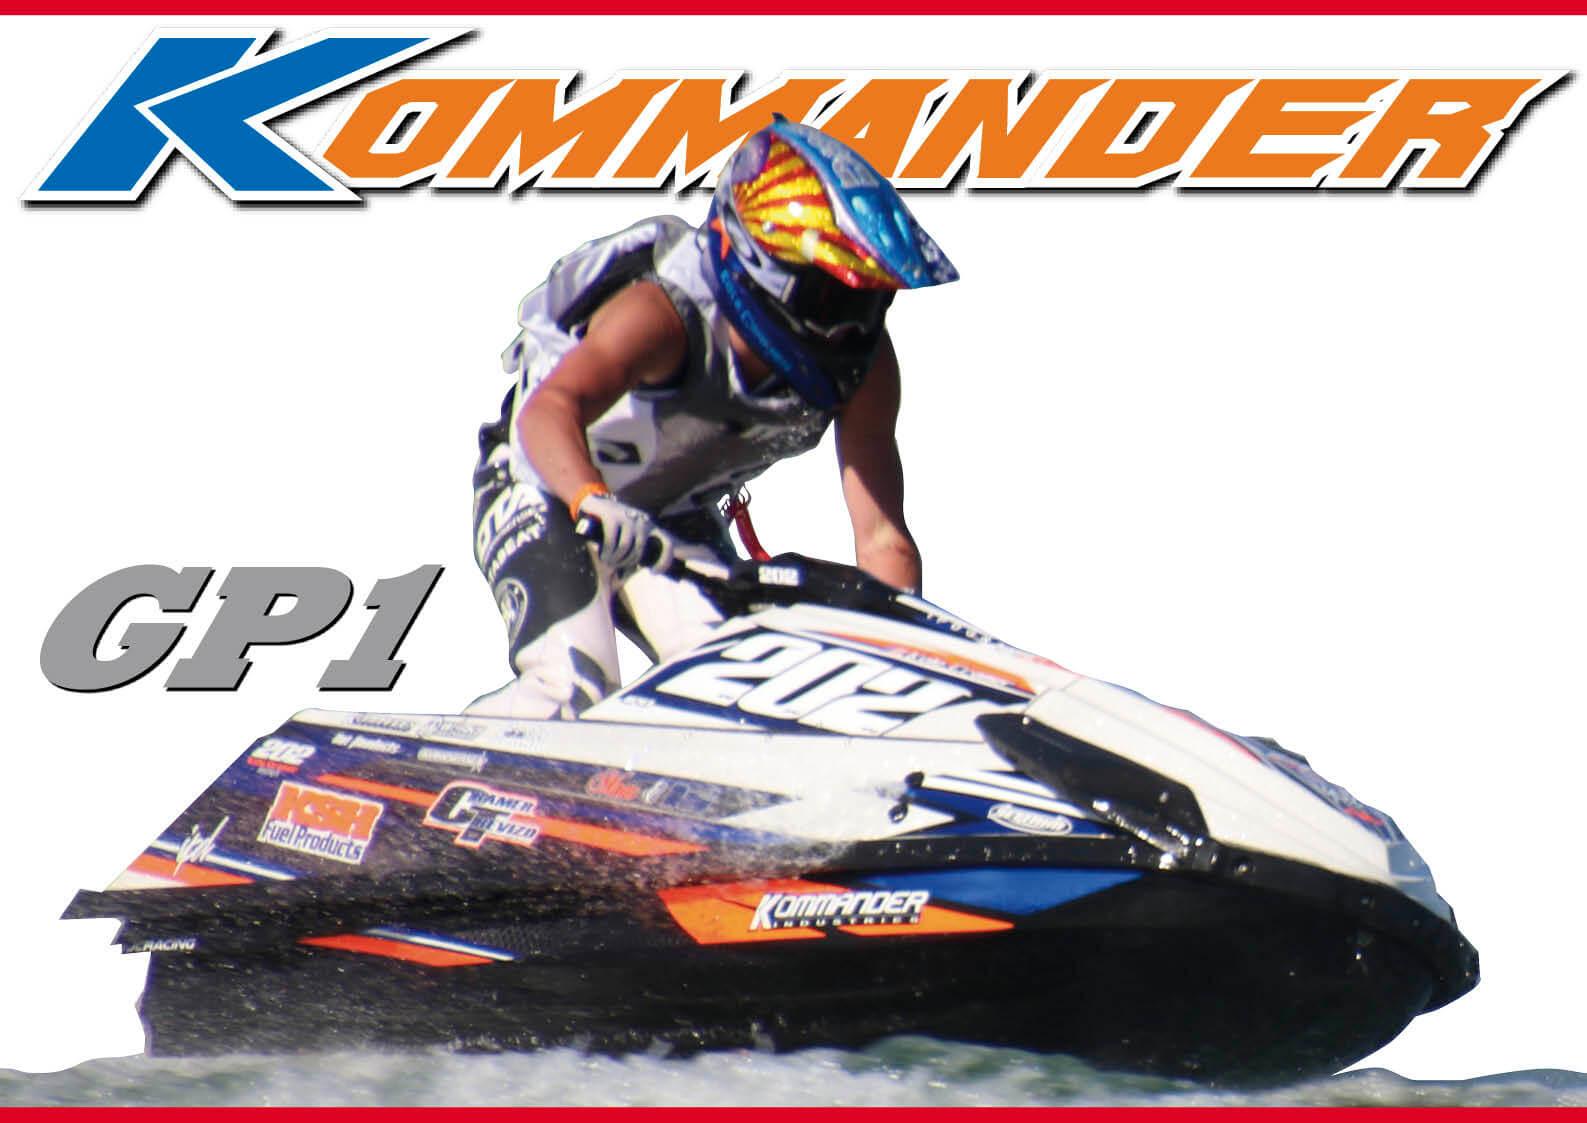 世界最速マシン KOMMANDER(コマンダー)」とは【動画付き】  ジェットスキー(水上バイク)